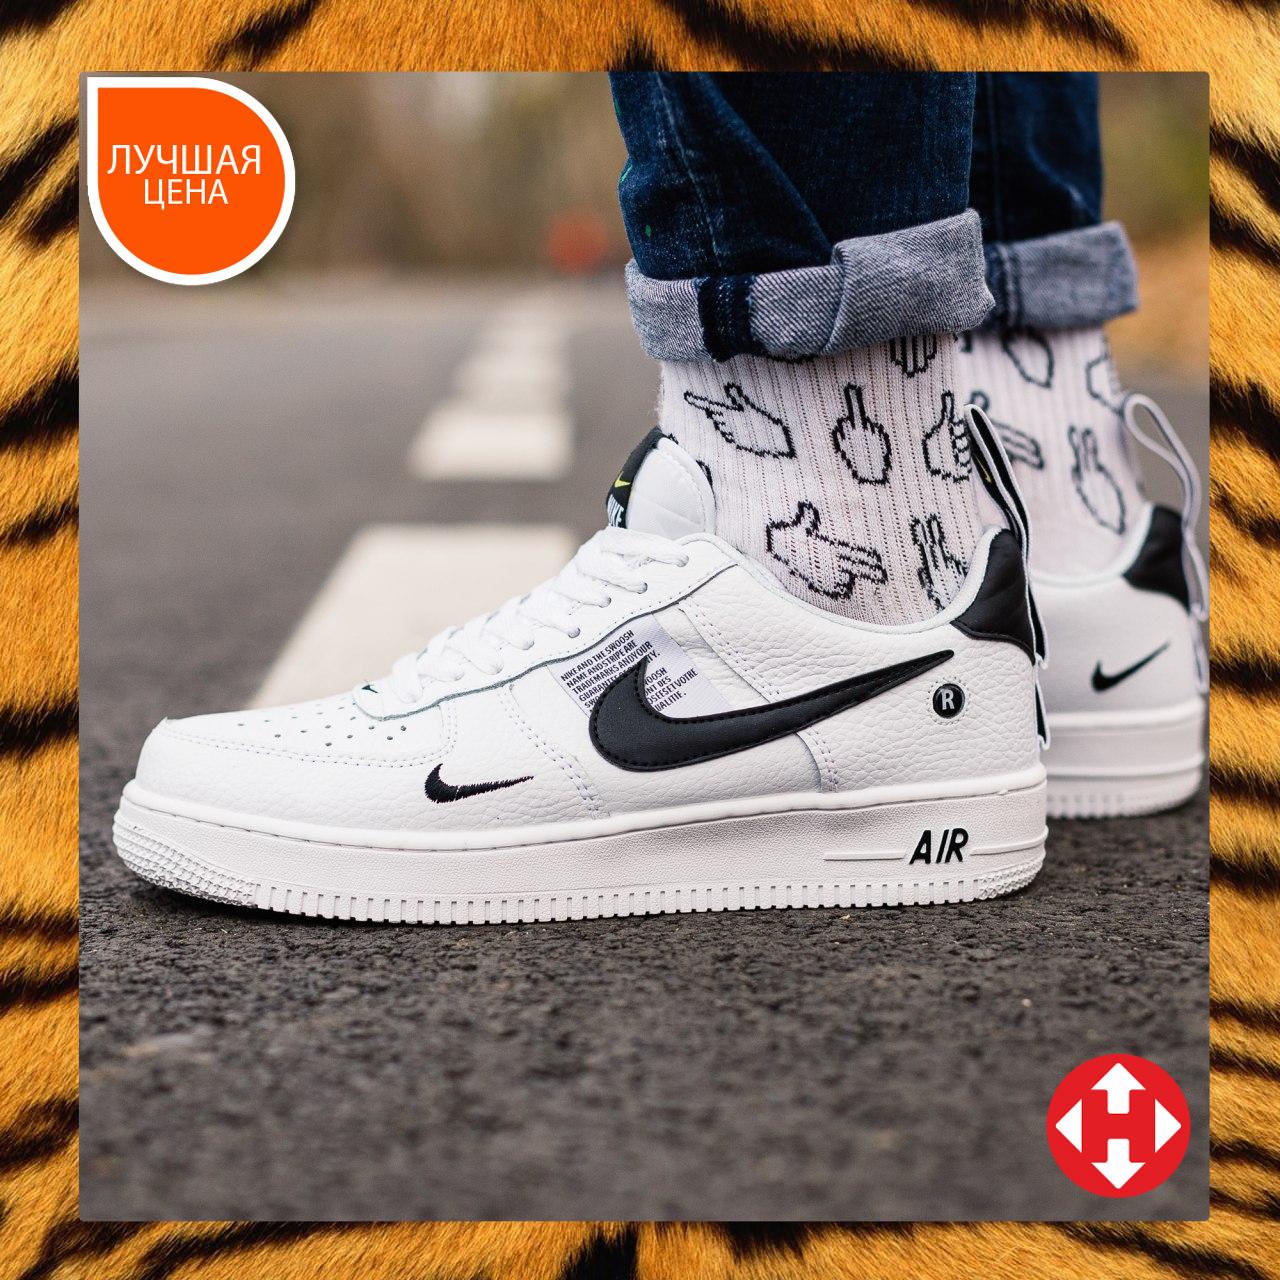 🔥 Мужские кроссовки спортивные повседневные Nike Air Force 1 White Lv8 кожаные найк эир форс белые